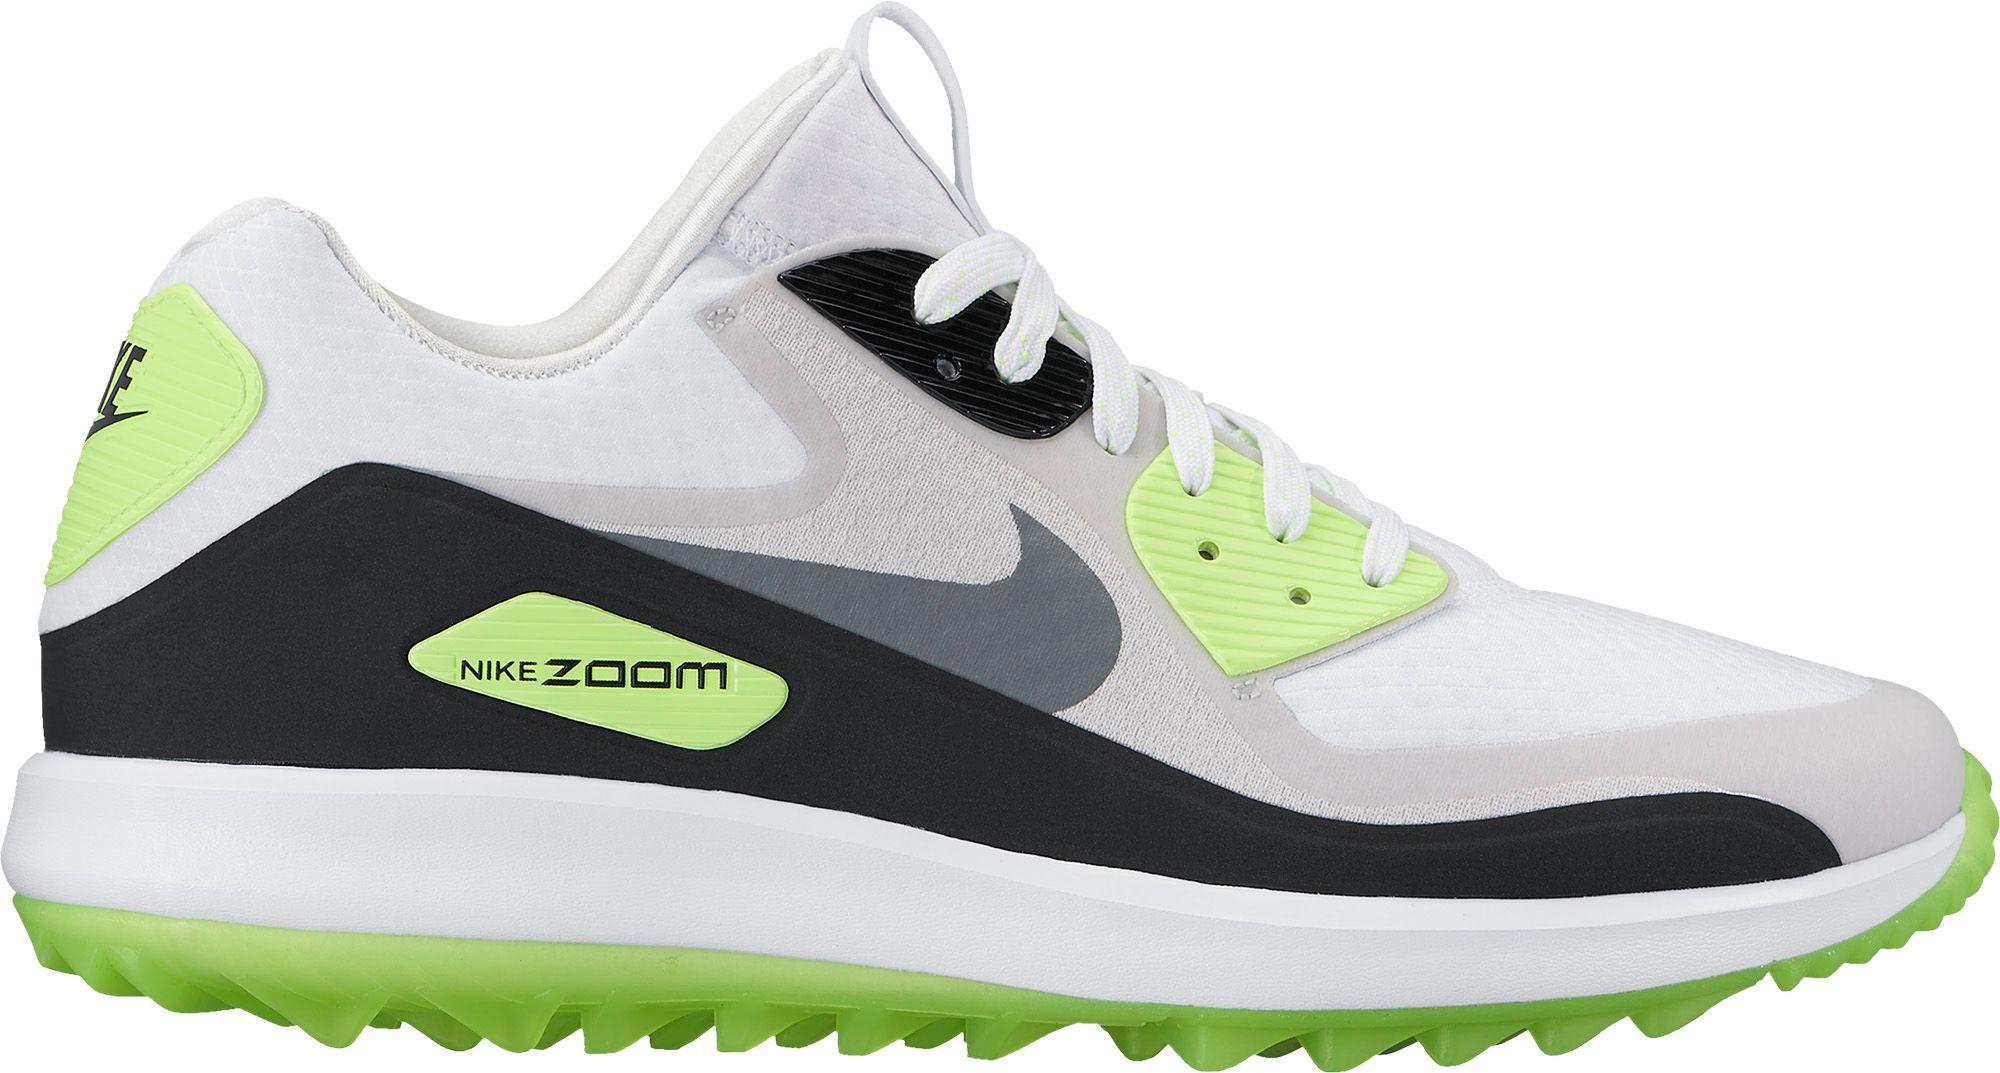 Best Nike Zoom 90 IT Black Hawaii qbqt52mk2